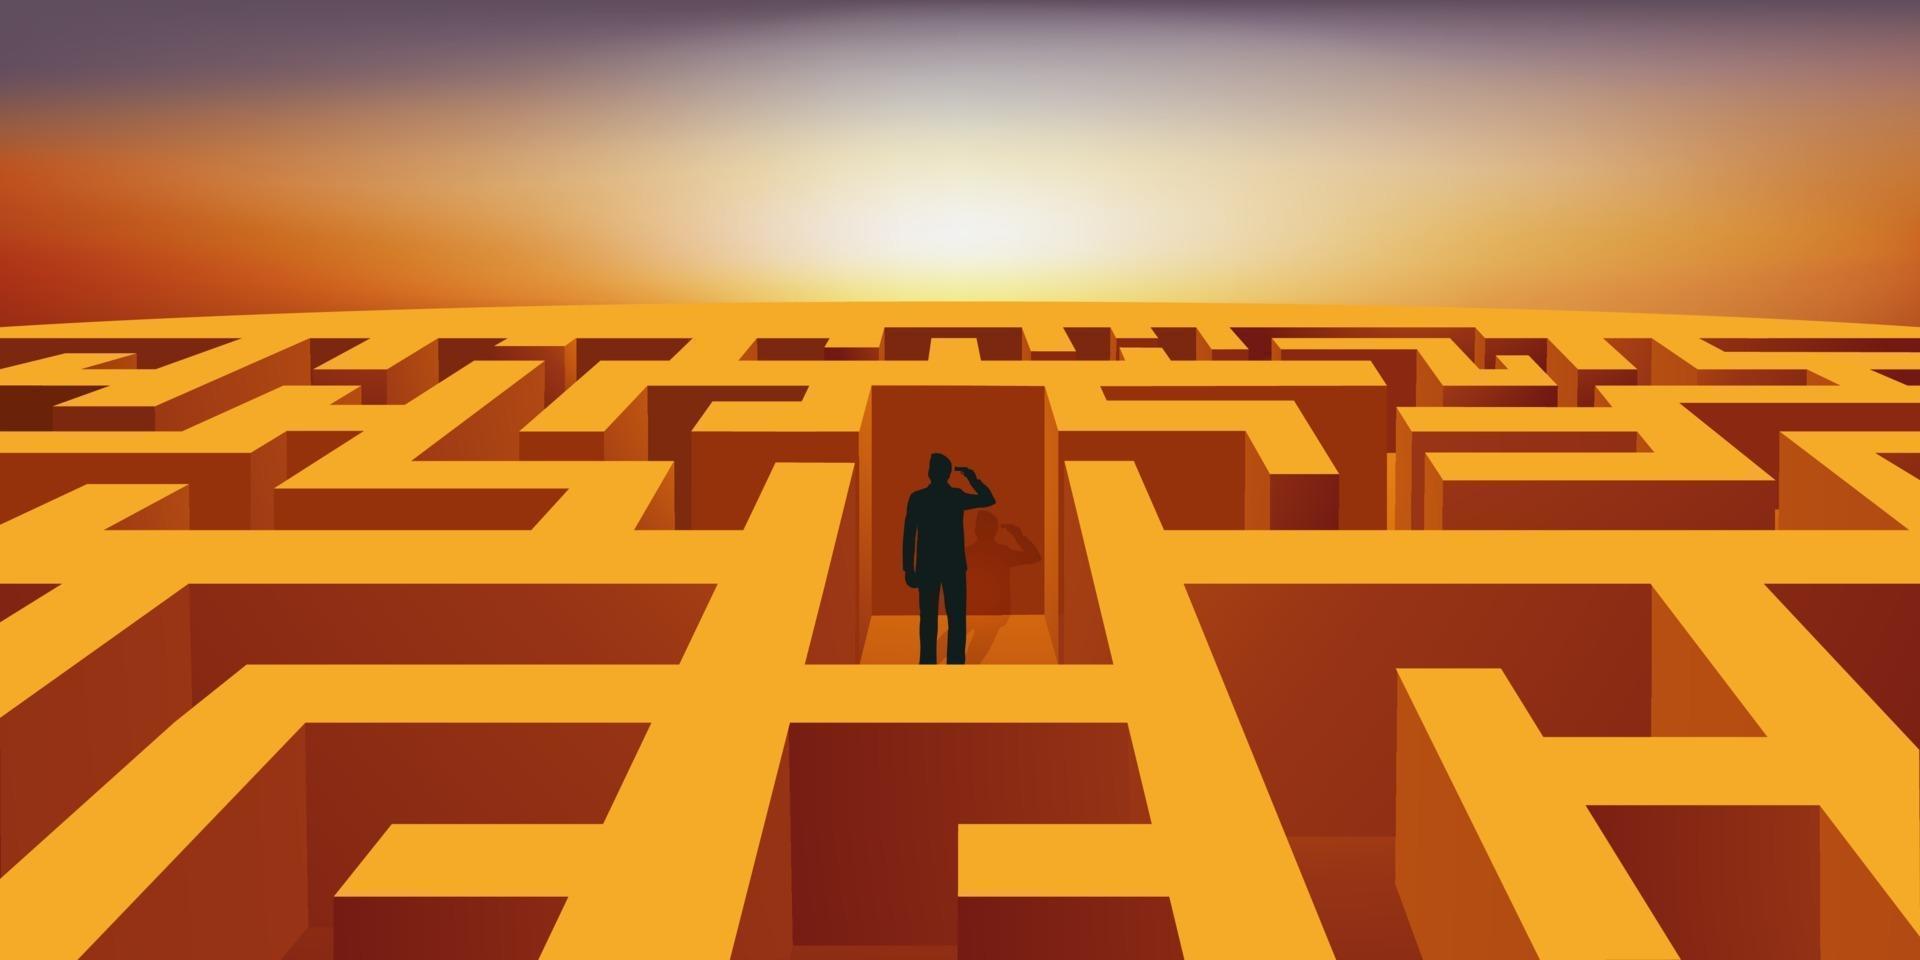 een man verdwaald in een labyrint pleegt zelfmoord. vector